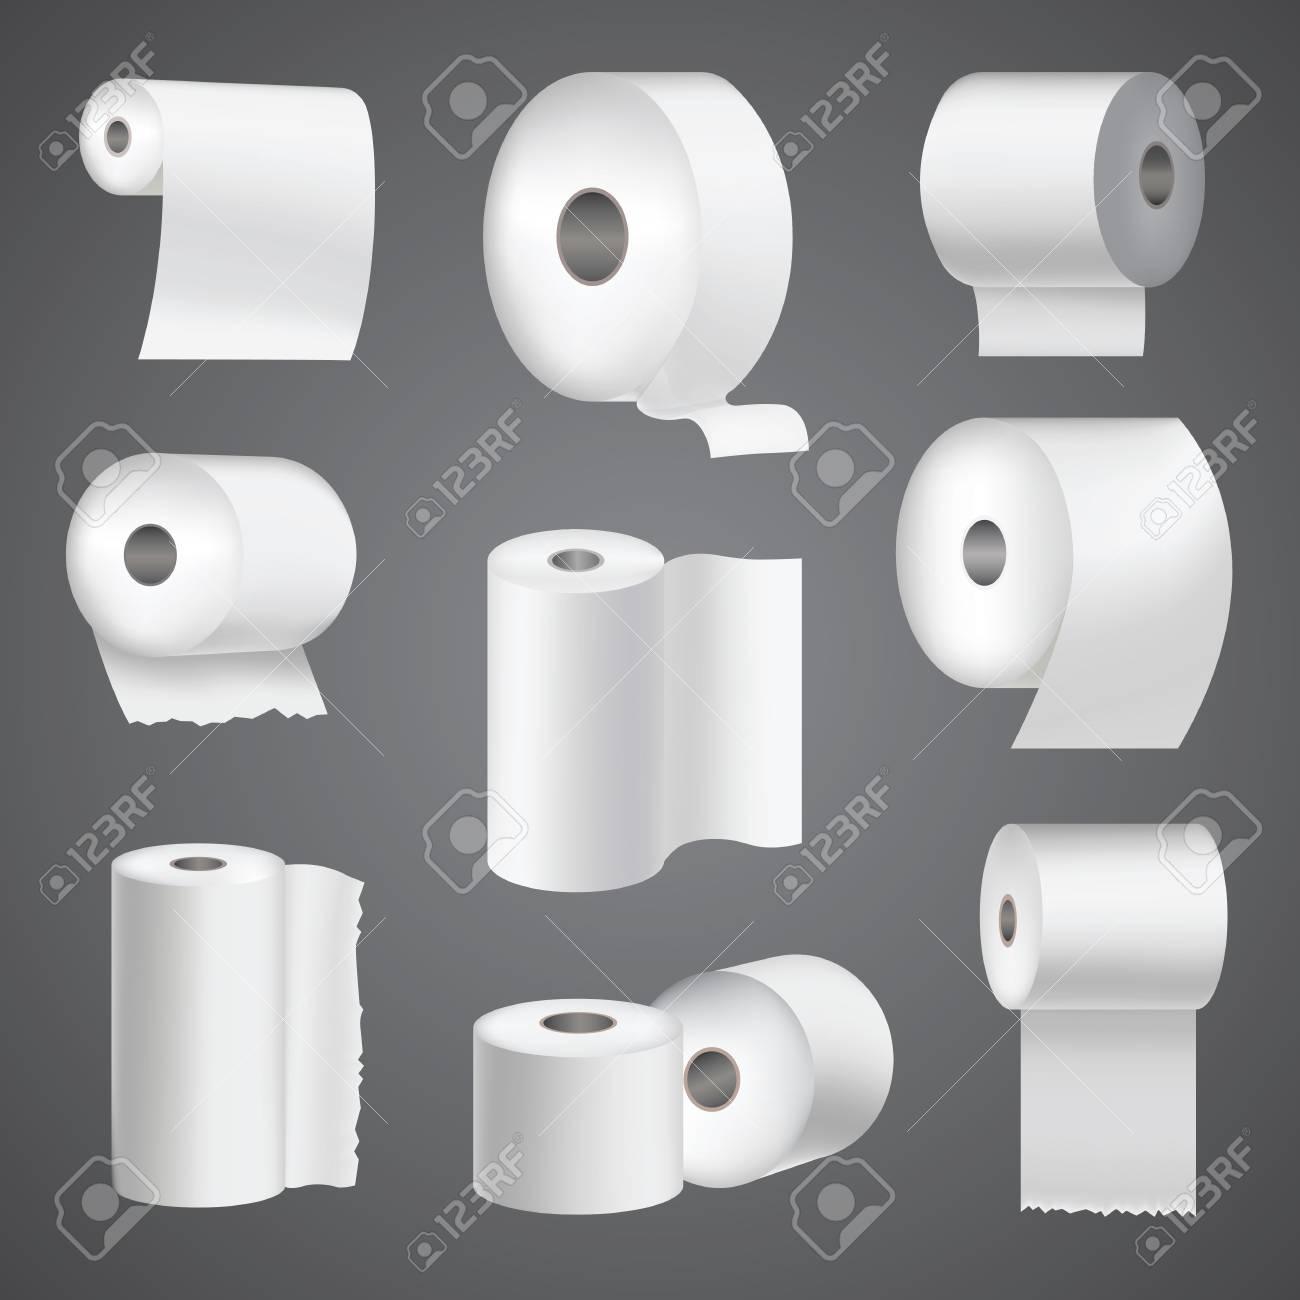 Rouleau de papier de toilette réaliste maquillage ensemble illustration  vectorielle isolée blanc vierge 3d emballage modèle de serviette de cuisine